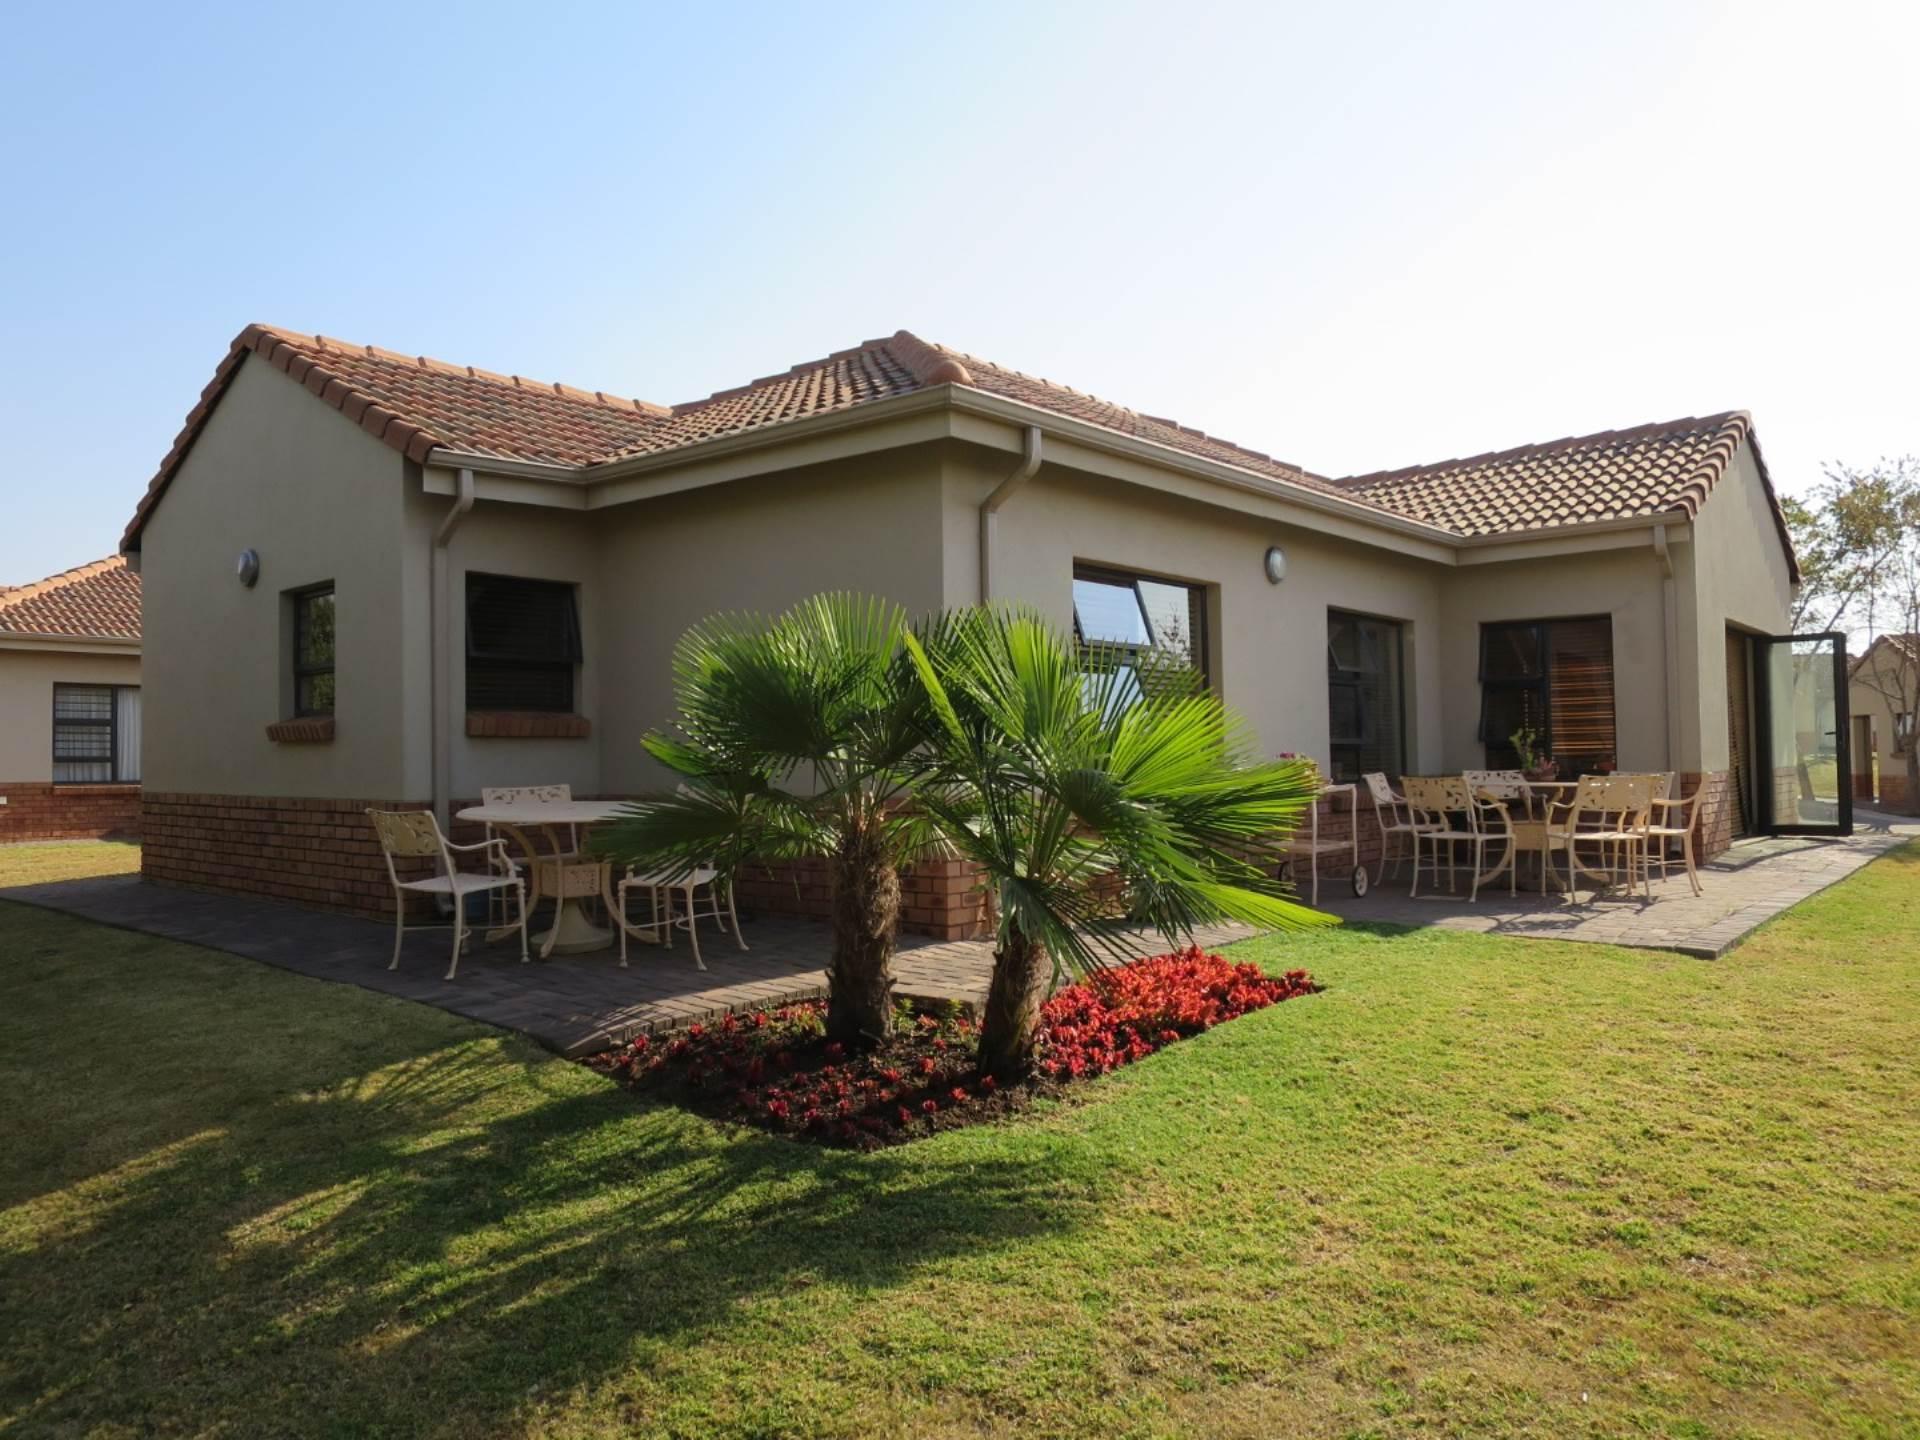 3 Bedroom Retirement Village in The Retreat, Pretoria For Sale for R  2,420,000 #1293795